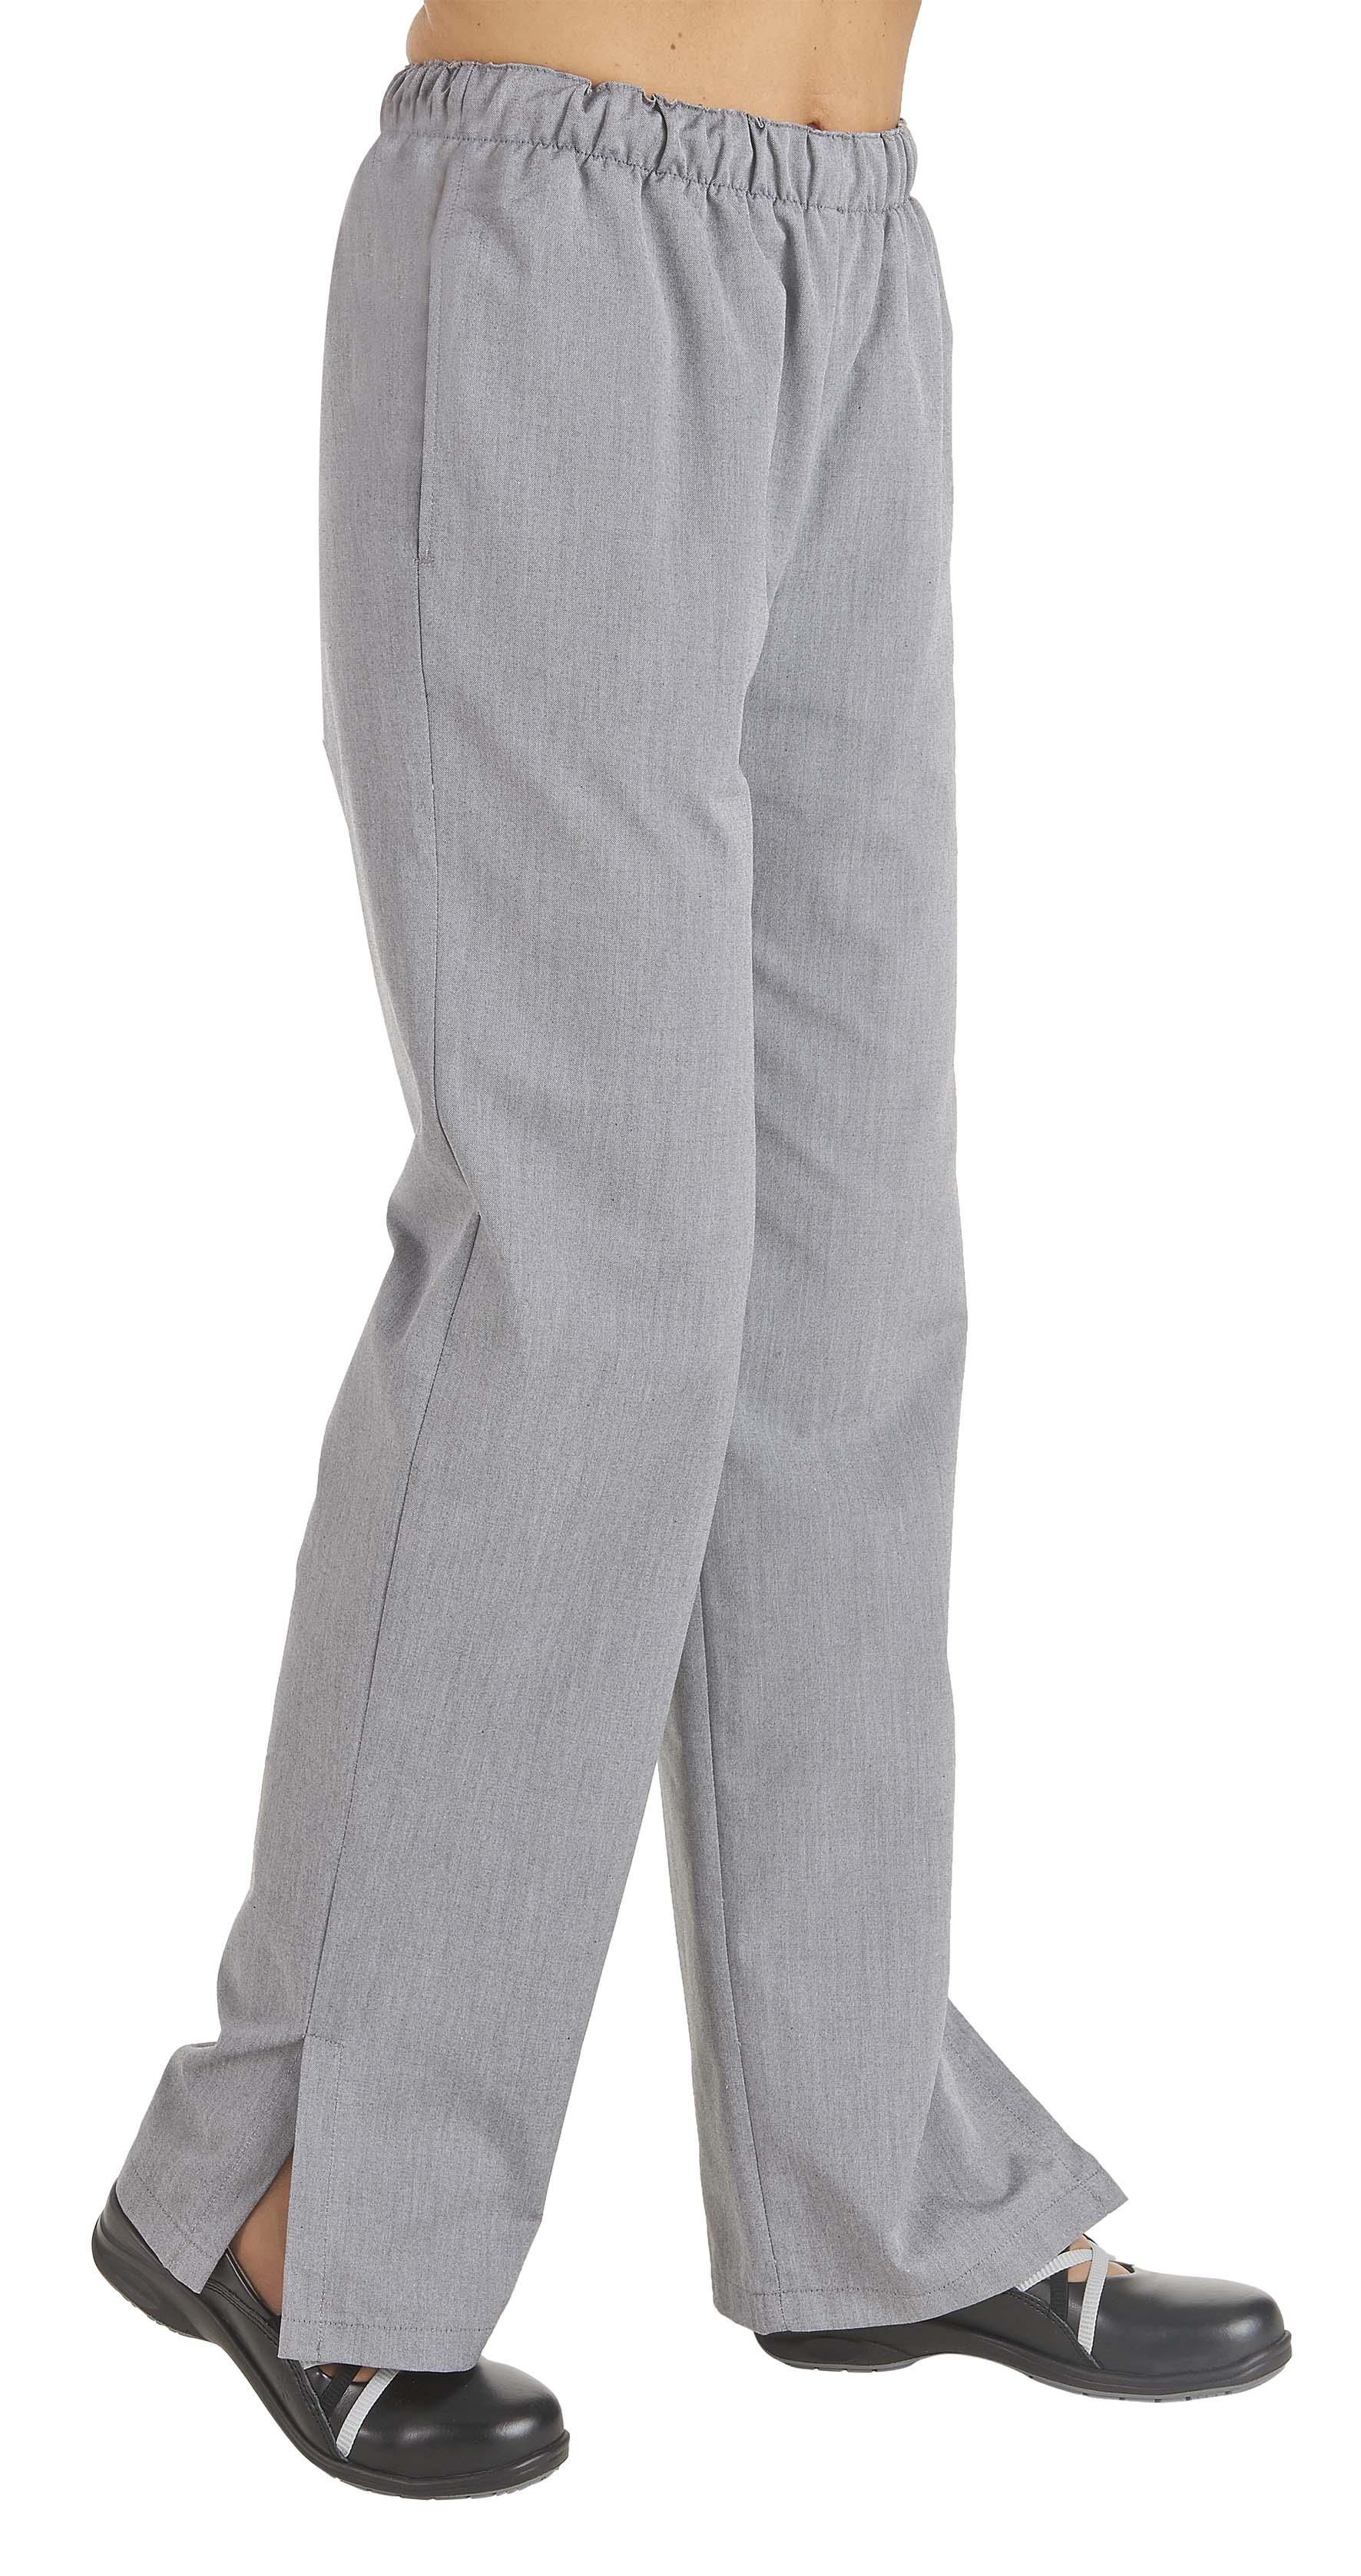 Pantalon de cuisine 1267 v tements pour les professionnels professionnel - Vetements de cuisine professionnel ...